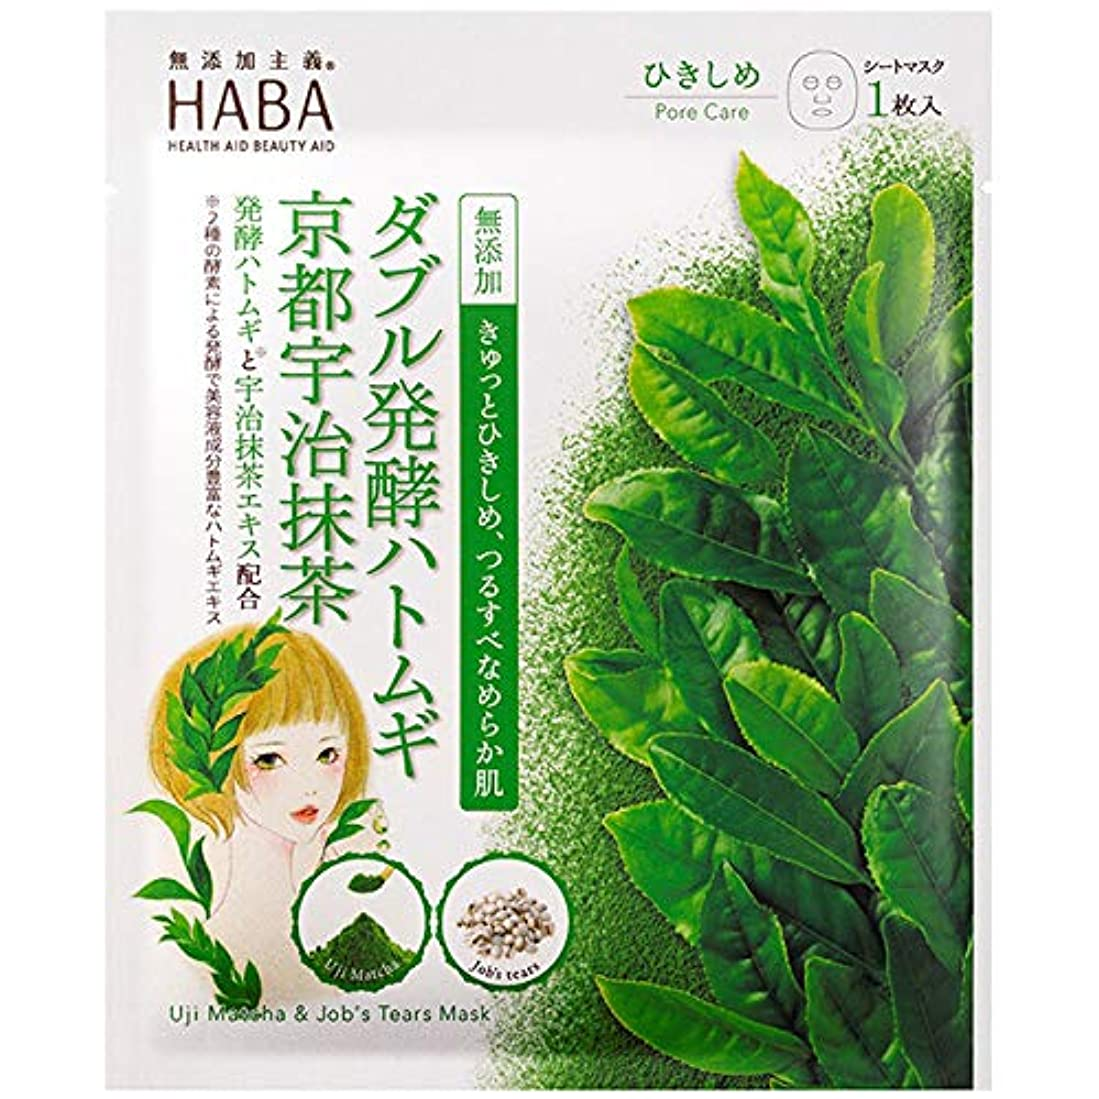 安いです努力するできればハーバー 発酵ハトムギ宇治抹茶マスク 1包